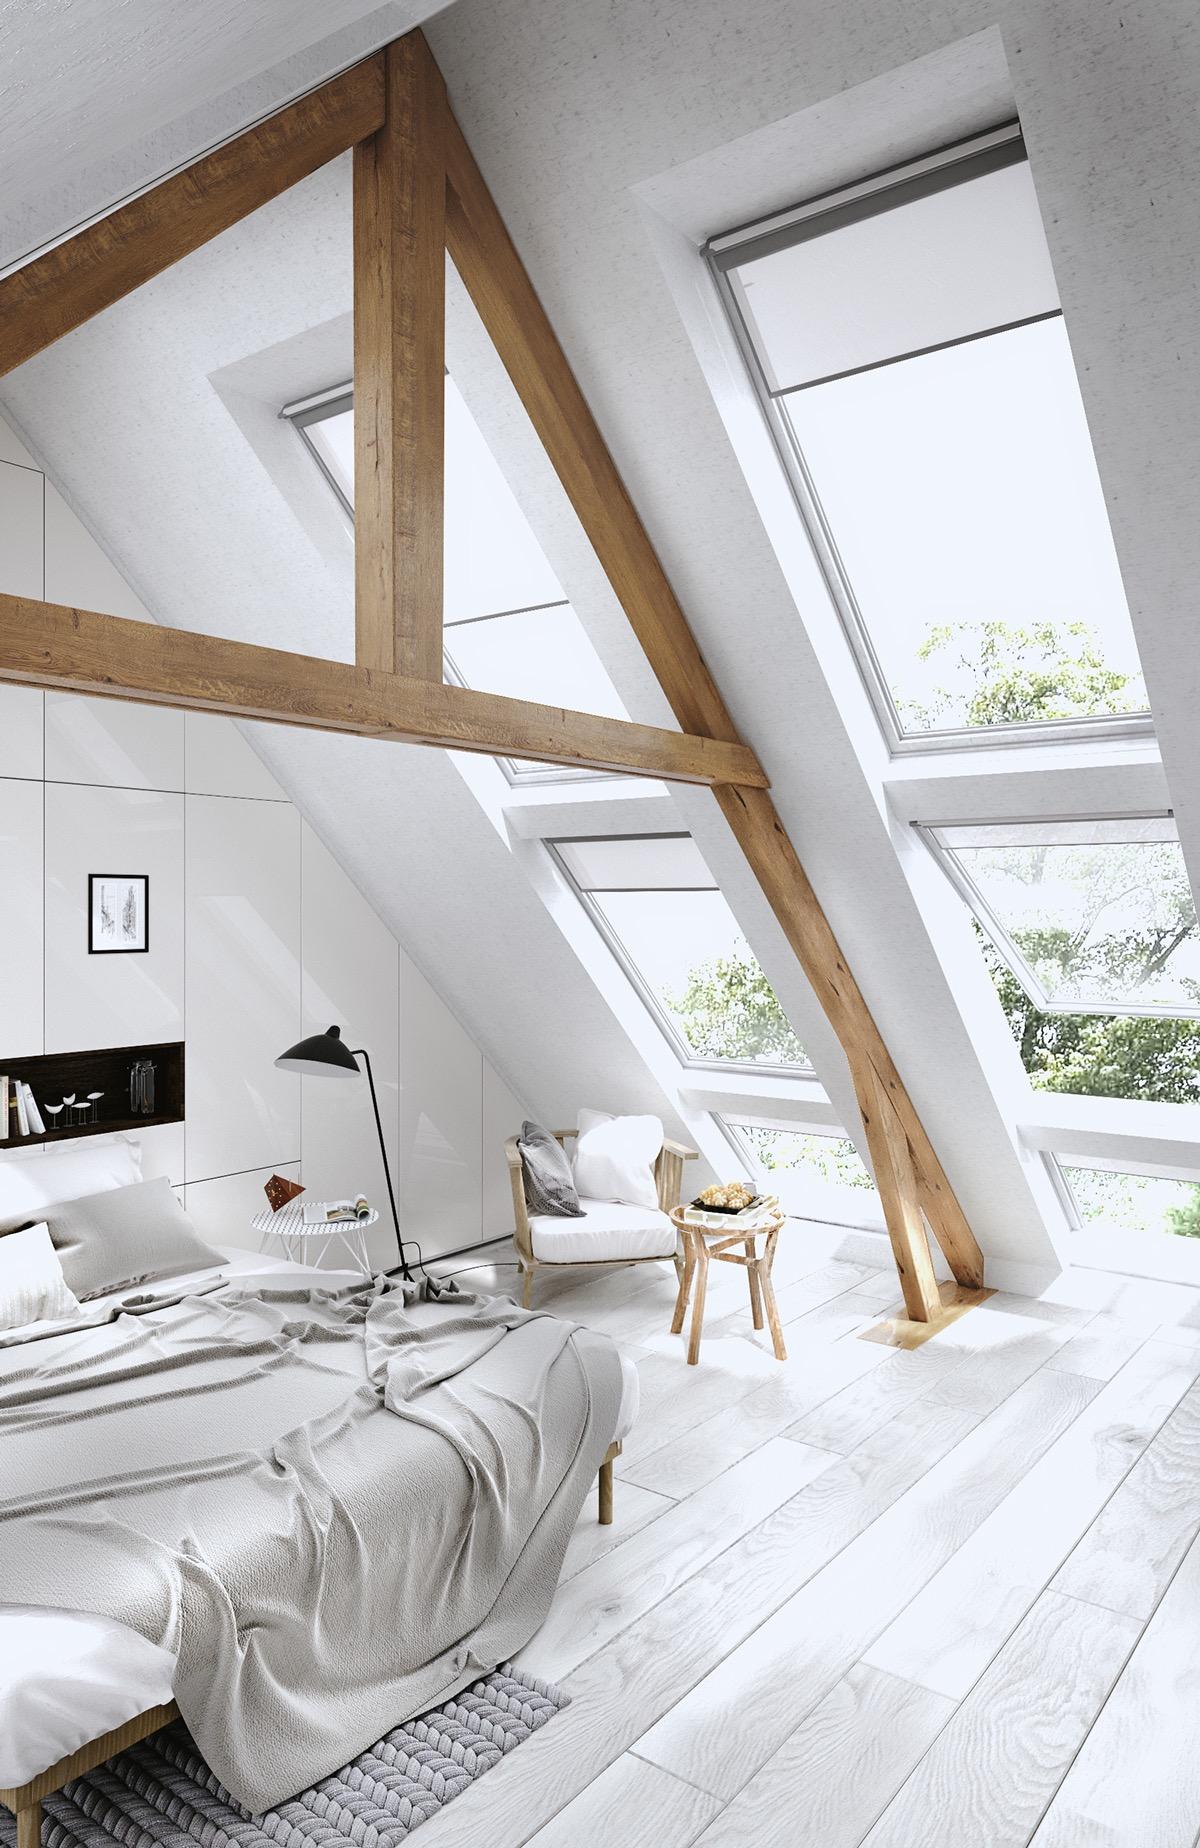 ces combles ont t transform s en de magnifiques chambres coucher de quoi donner des id es. Black Bedroom Furniture Sets. Home Design Ideas